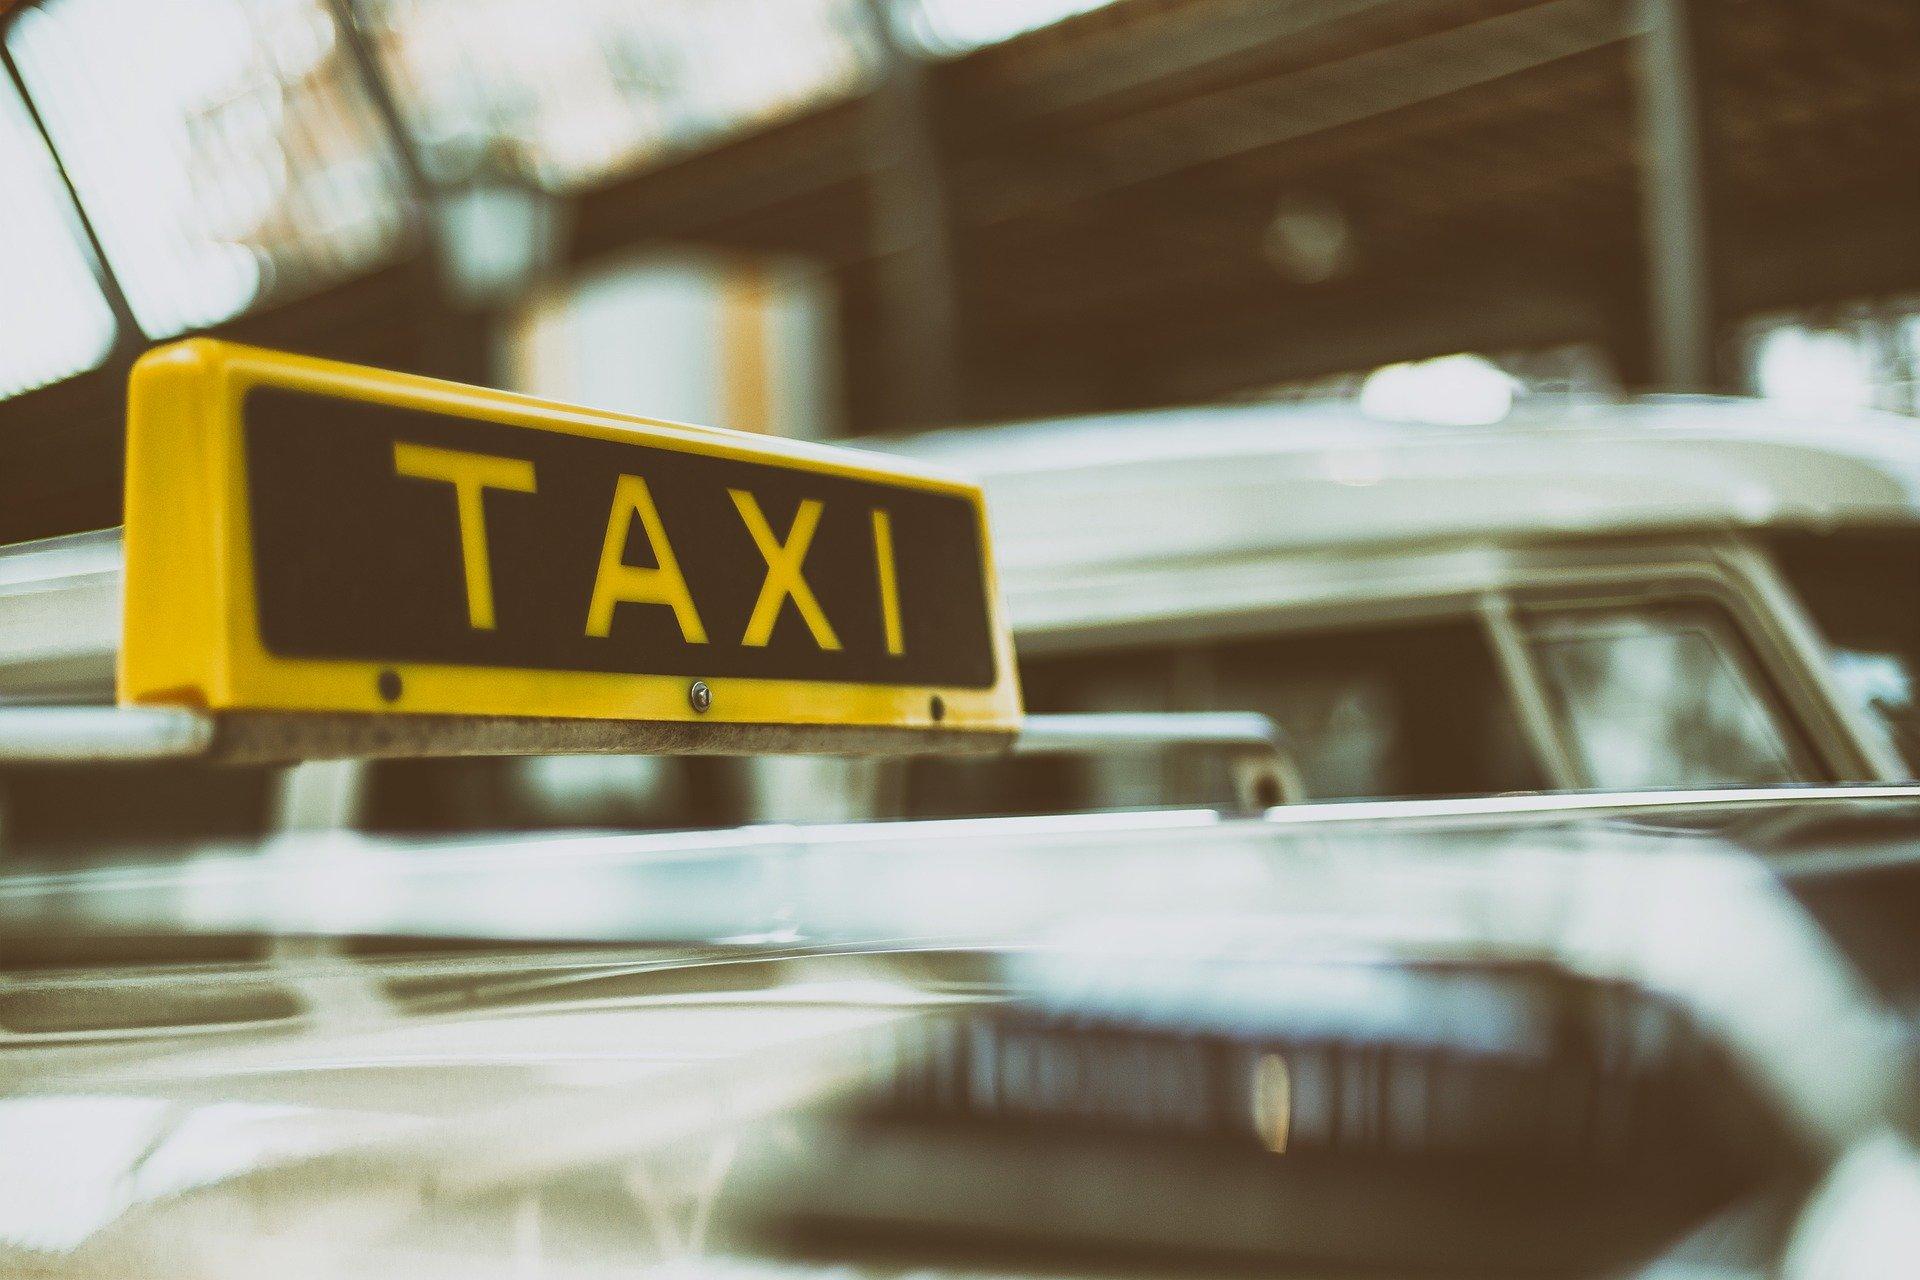 Gesetzentwurf: Viel Kritik an geplanter Reform des Fahrdienstmarktes